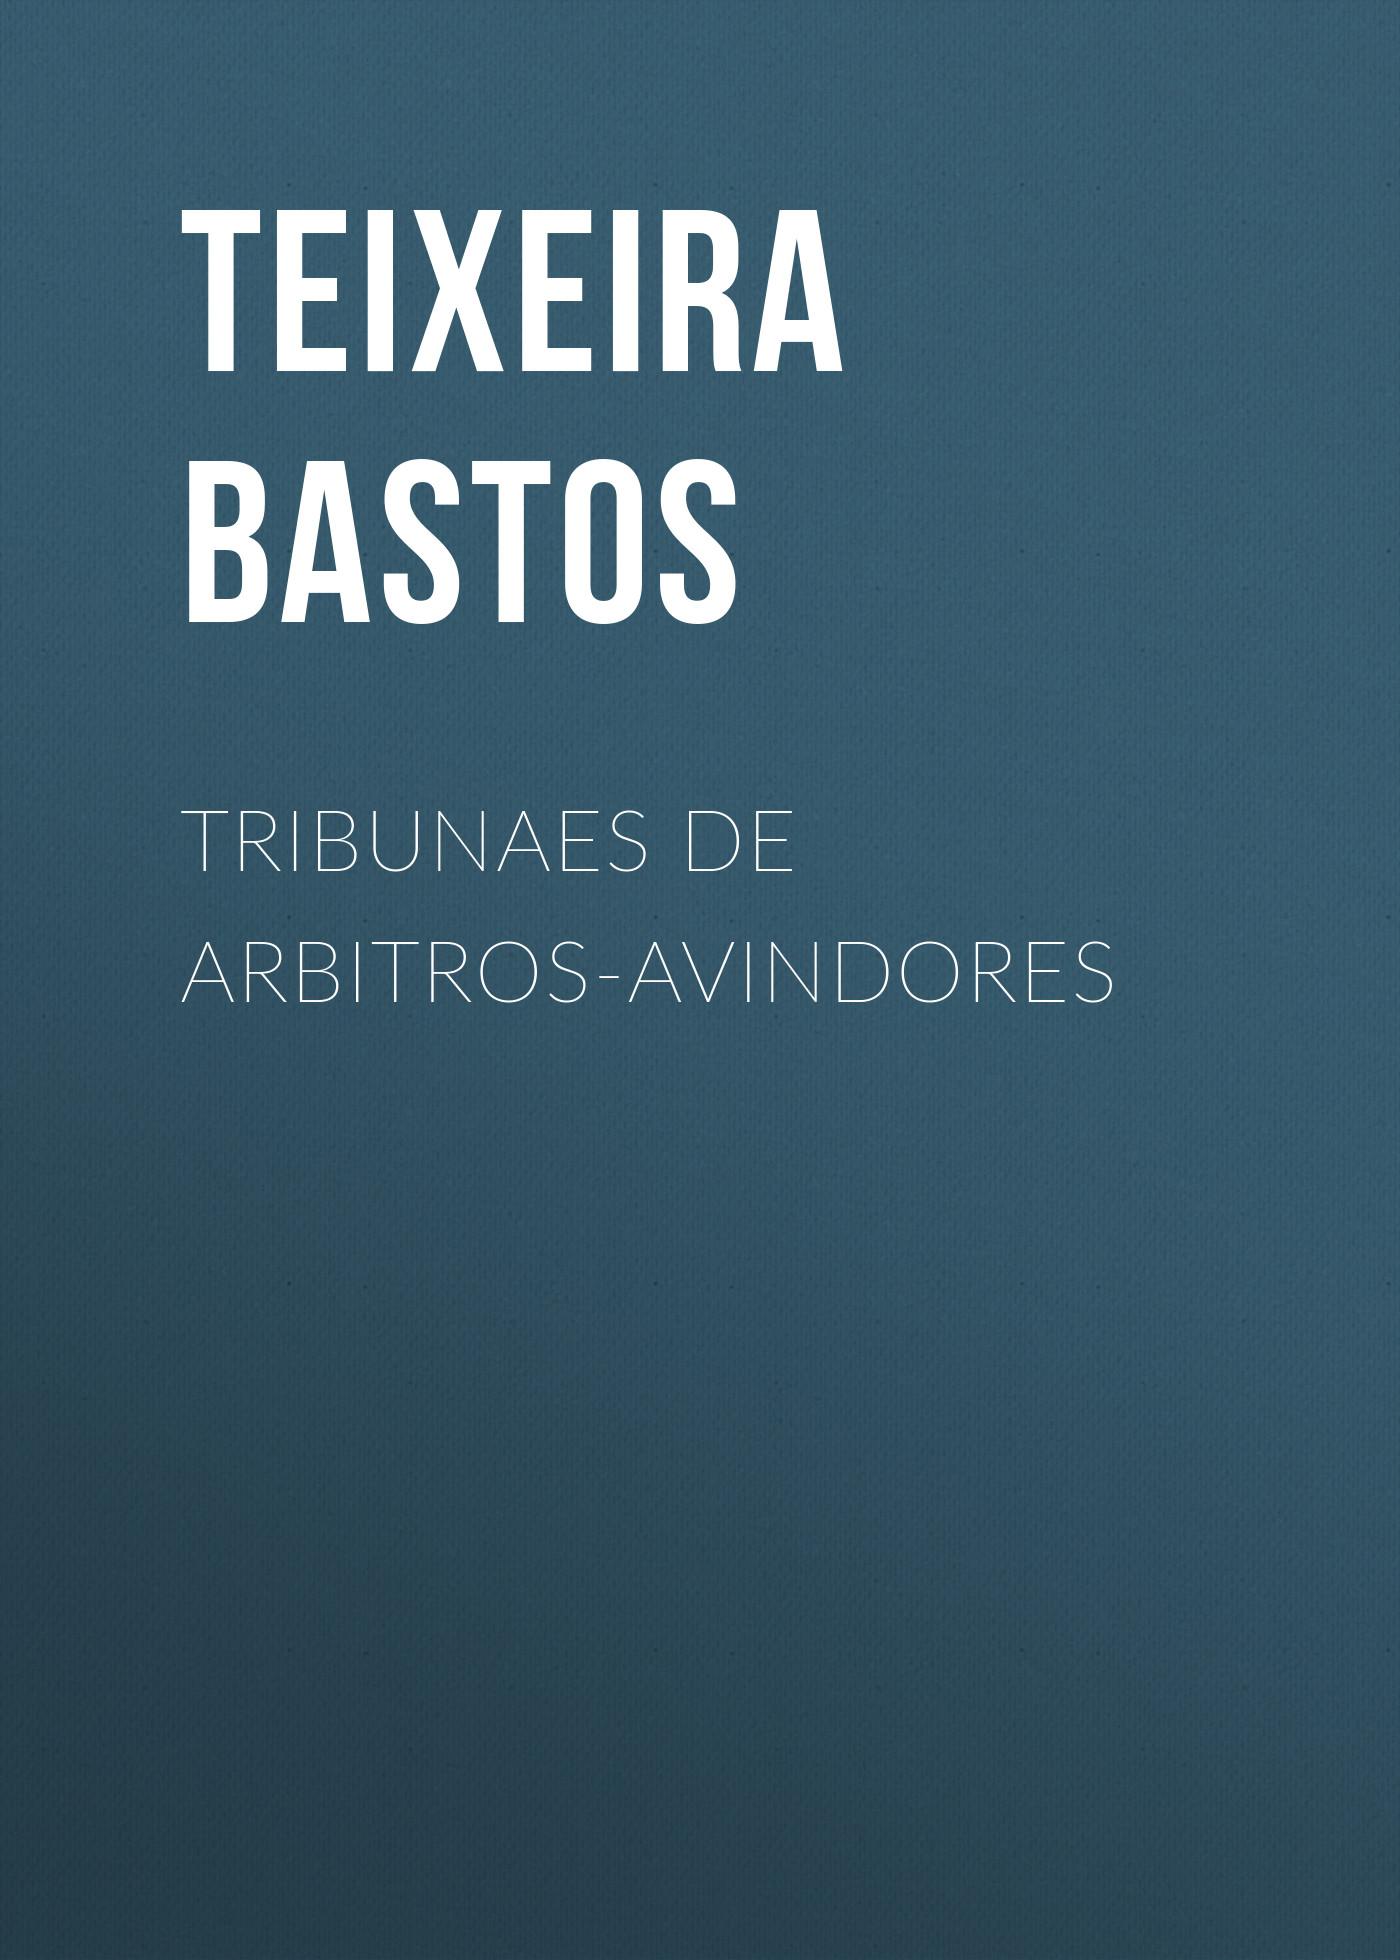 Bastos Teixeira Tribunaes de Arbitros-Avindores joe teixeira google analytics